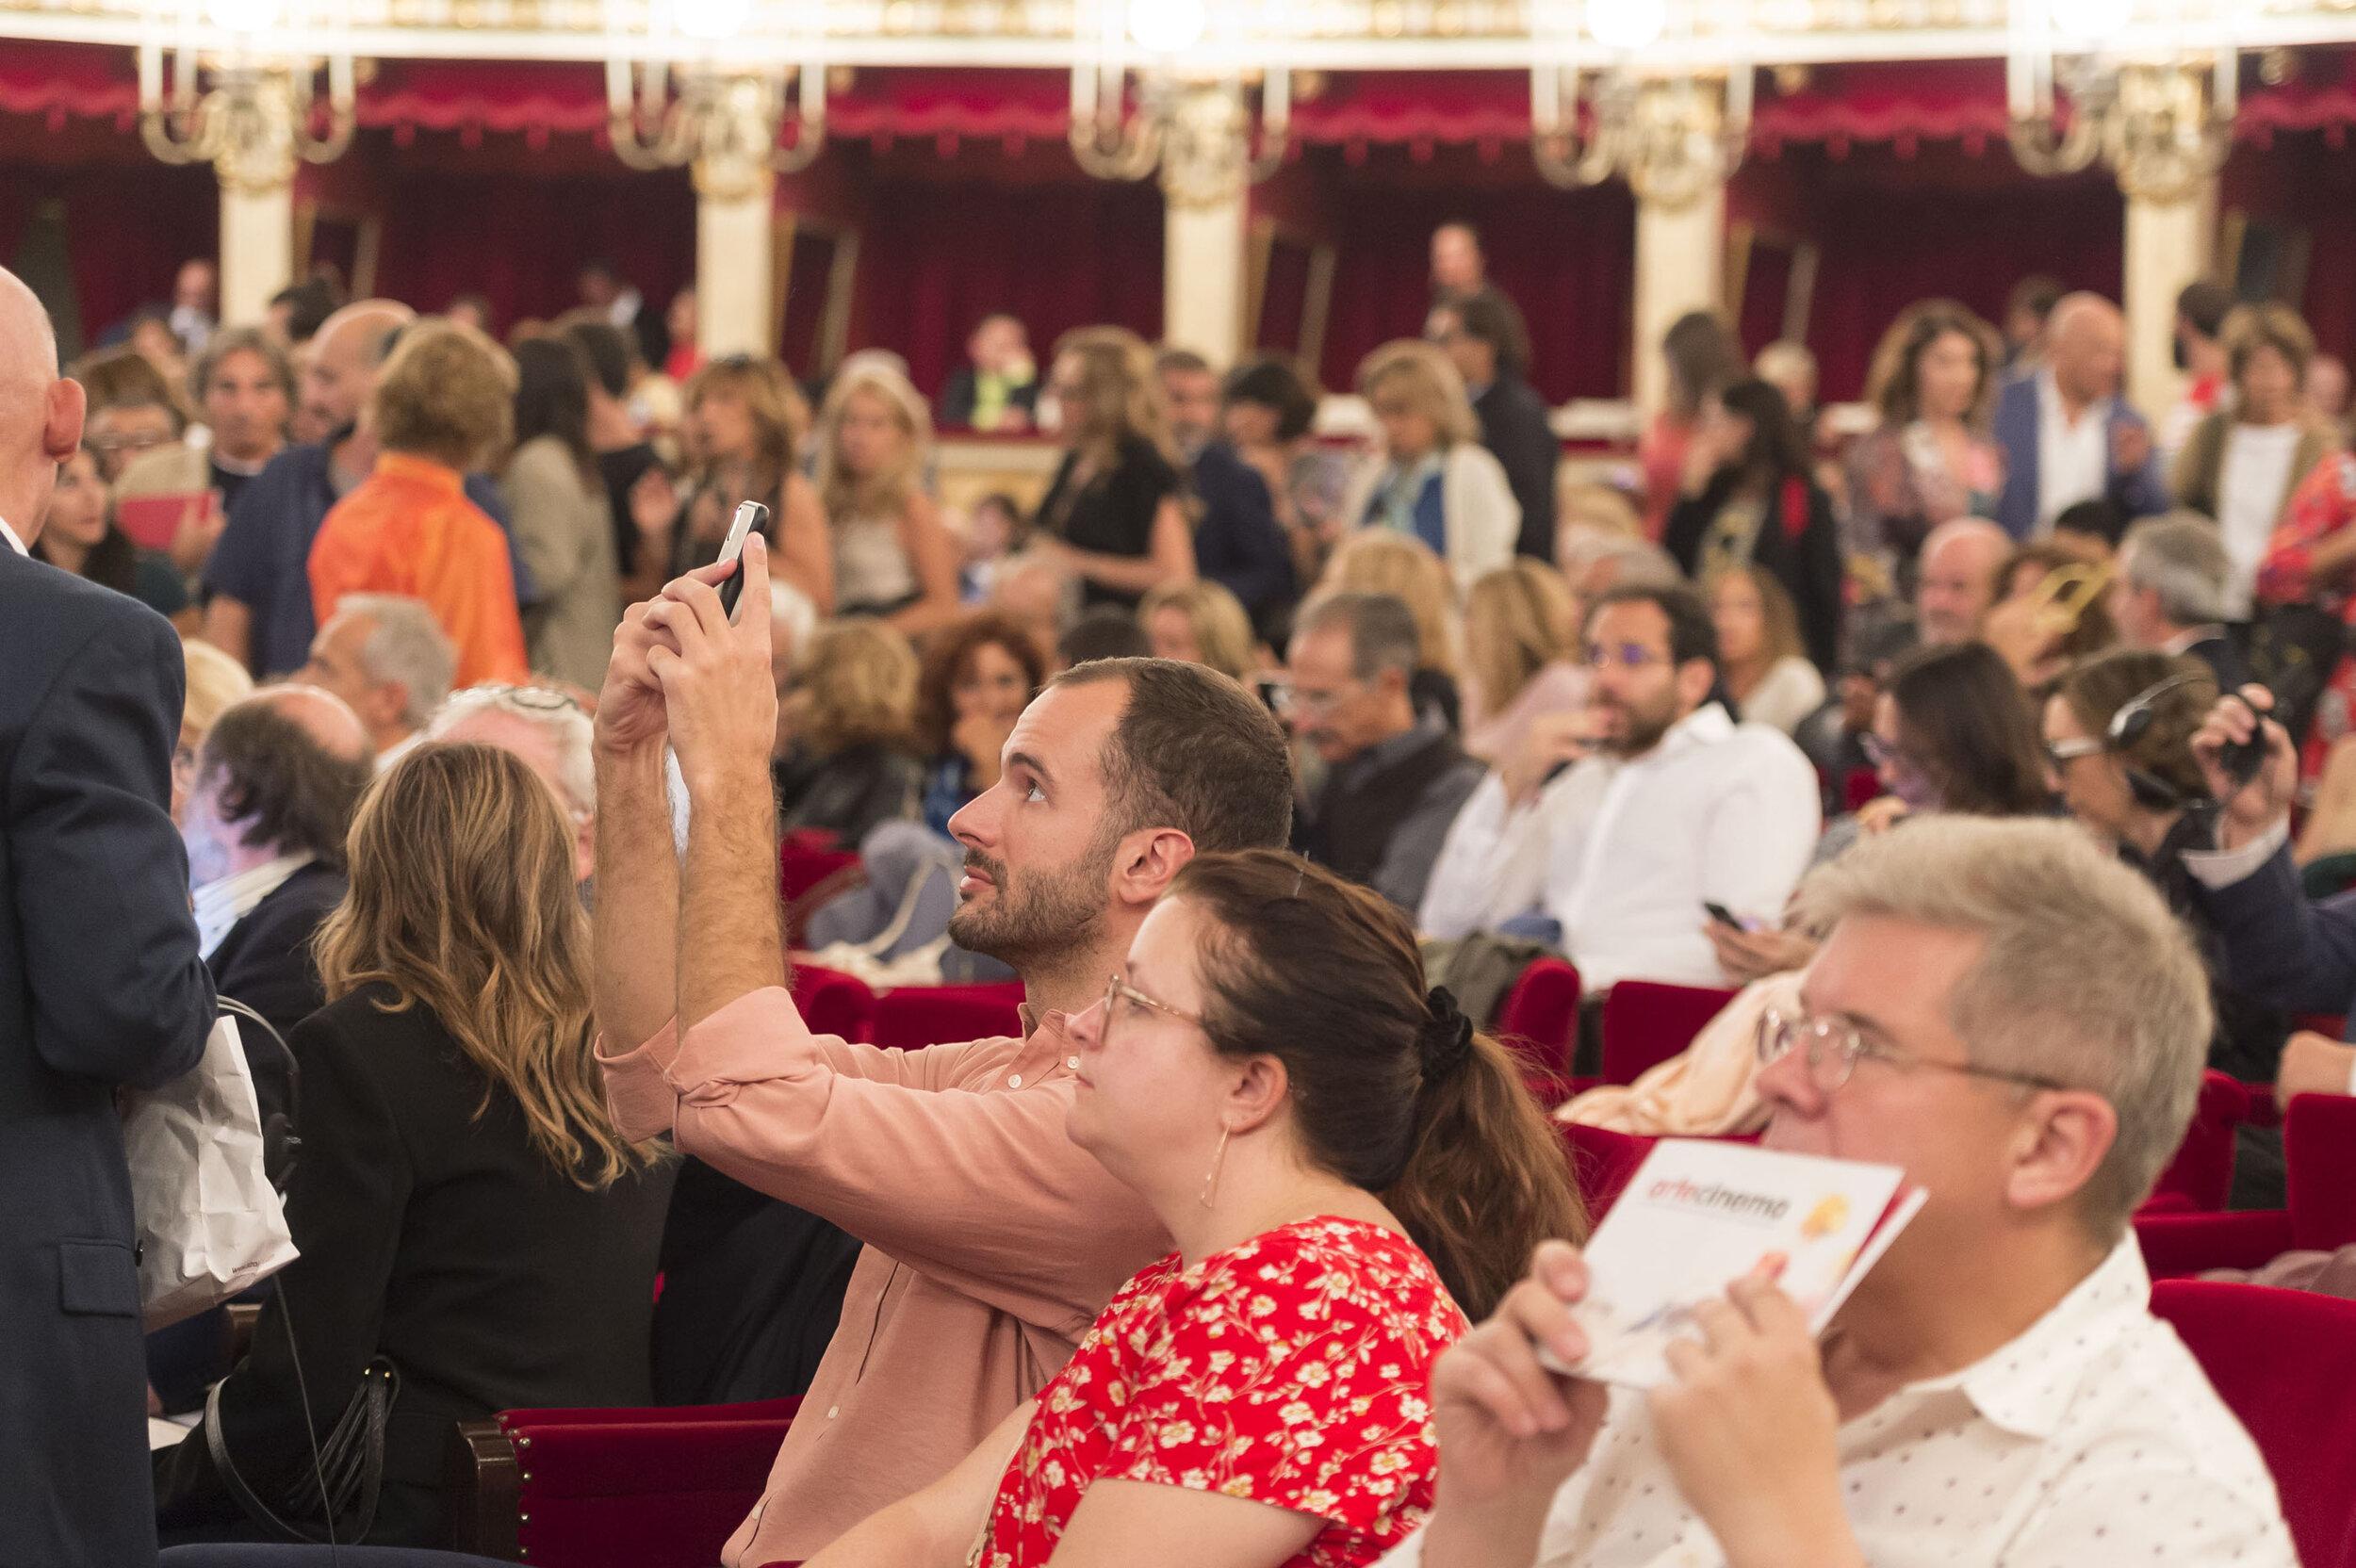 Artecinema 2019_ph Francesco Squeglia_8583.jpg